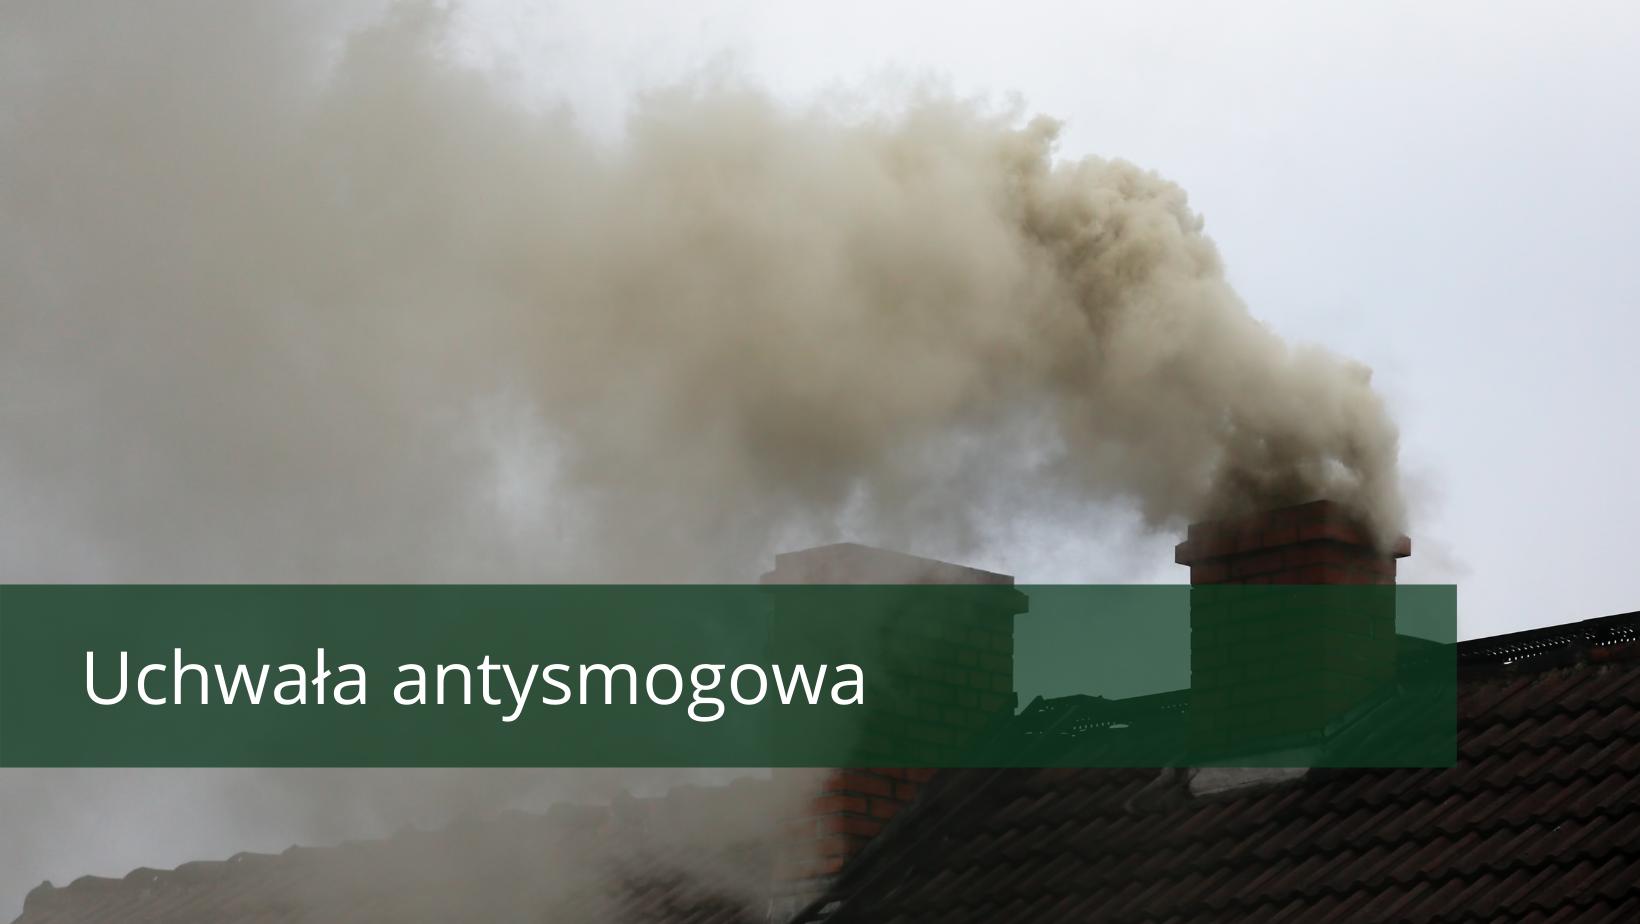 uchwała antysmogowa oraz dym z komina